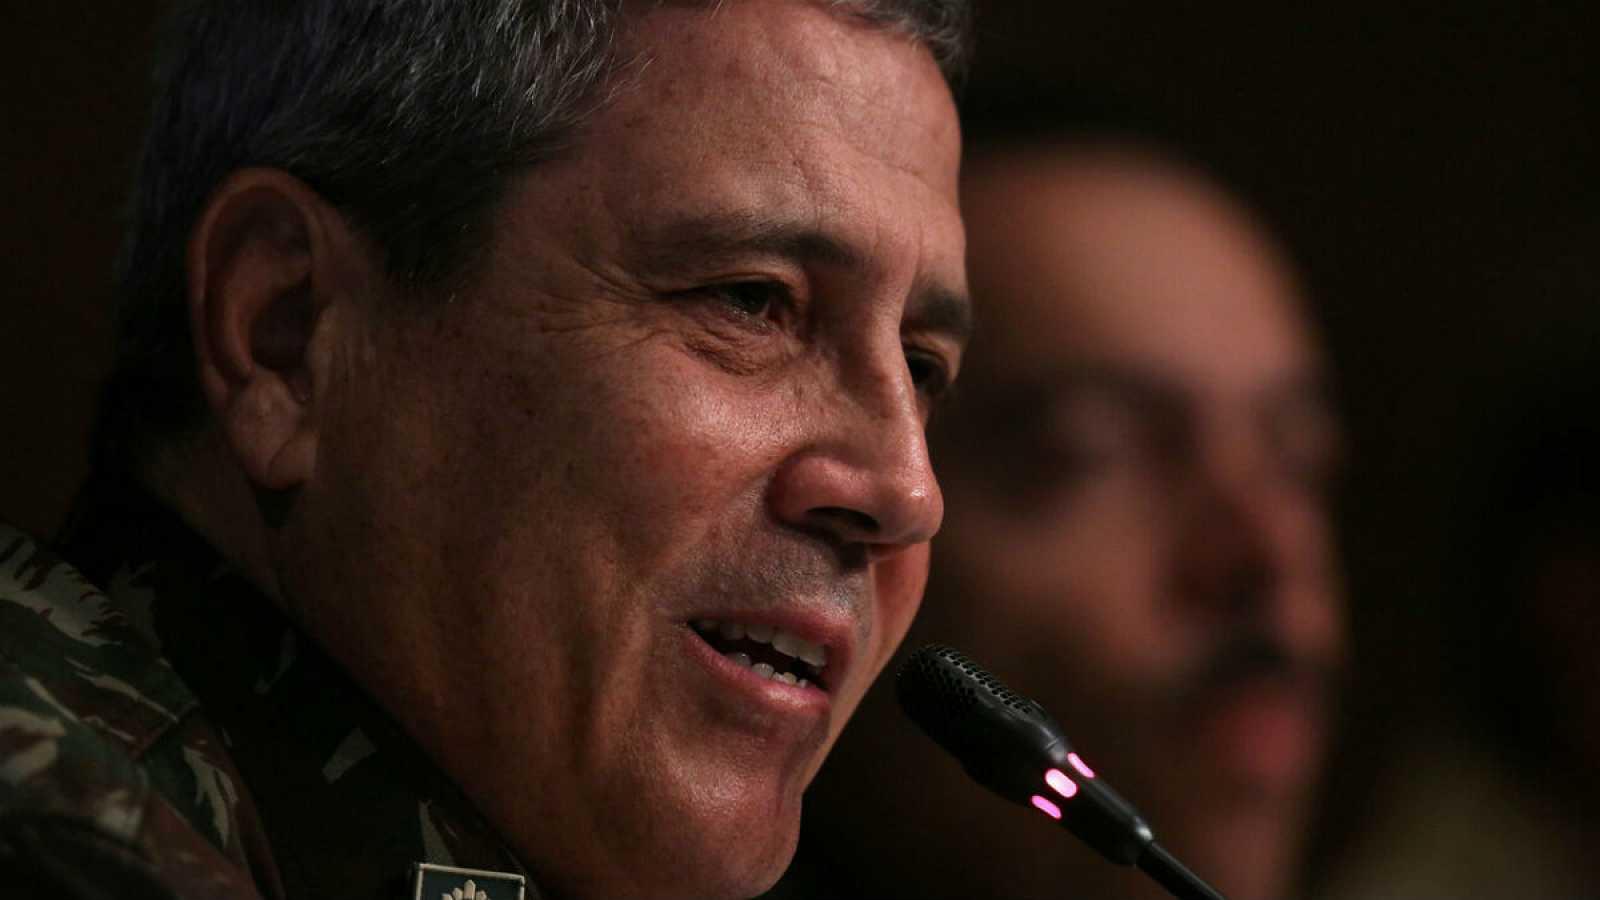 Walter Braga Netto ha sido designado como ministro de Presidencia dentro del gobierno del ultraderechista Jair Bolsonaro, presidente de Brasil. En la imagen, durante una conferencia en Río de Janeiro en 2018.